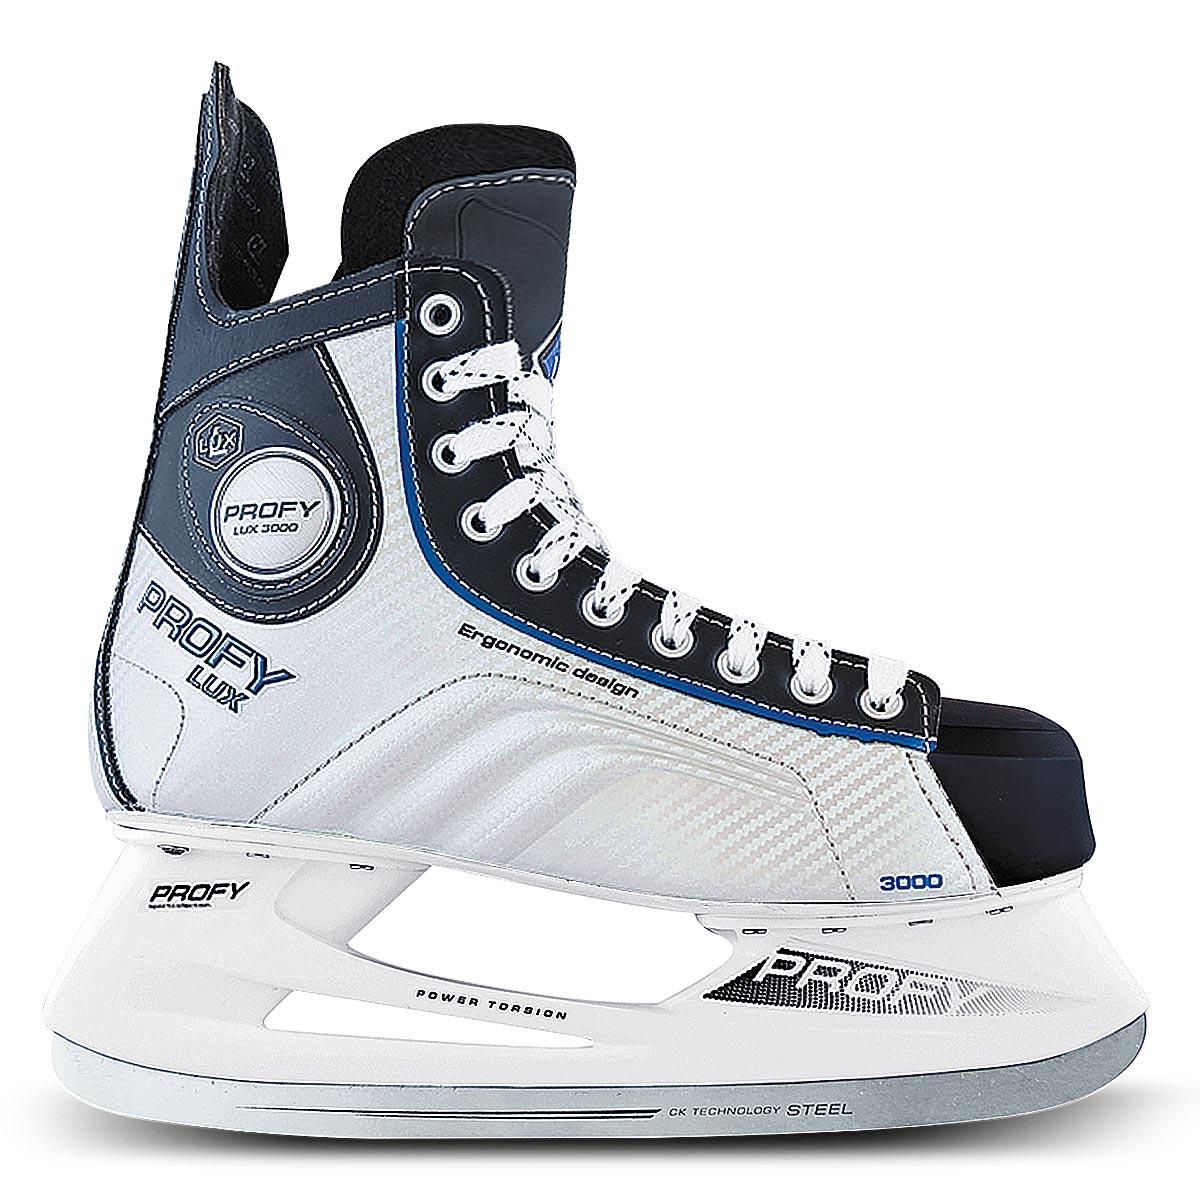 Коньки хоккейные мужские СК Profy Lux 3000, цвет:  черный, серебряный, синий.  Размер 40 СК